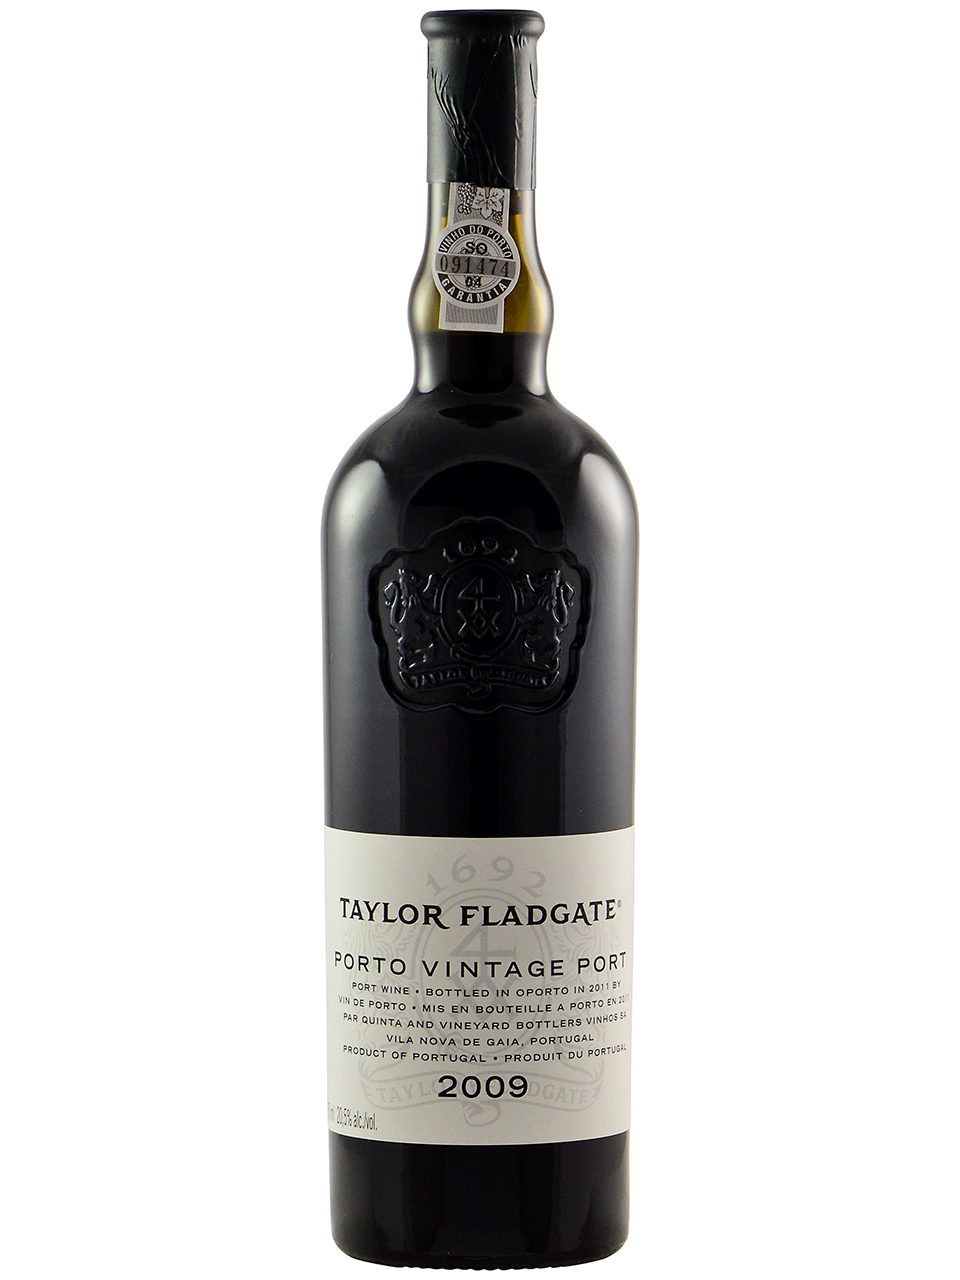 Taylor Fladgate Vintage Port 2009